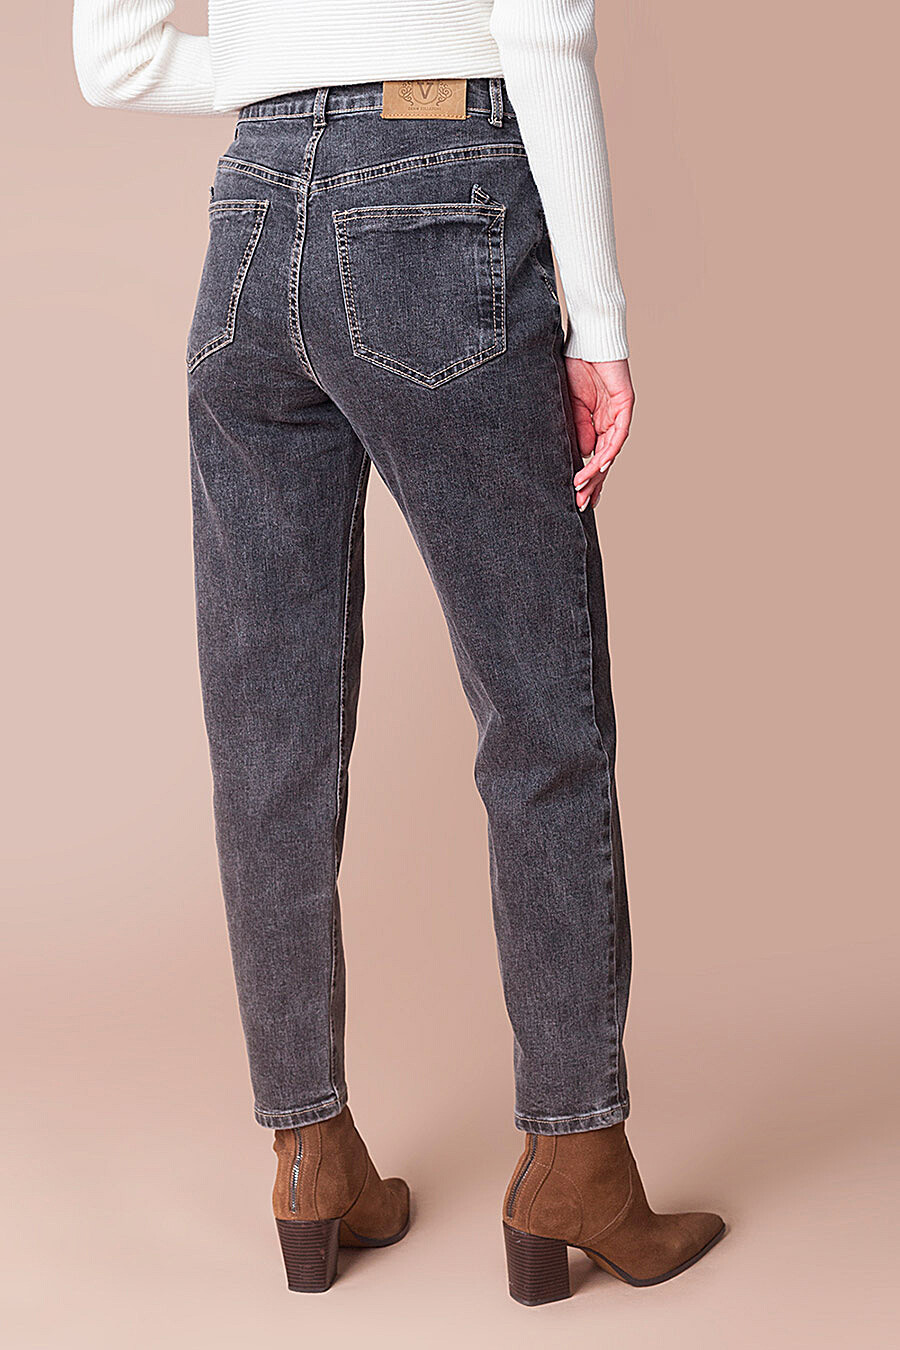 Джинсы для женщин VILATTE 707532 купить оптом от производителя. Совместная покупка женской одежды в OptMoyo